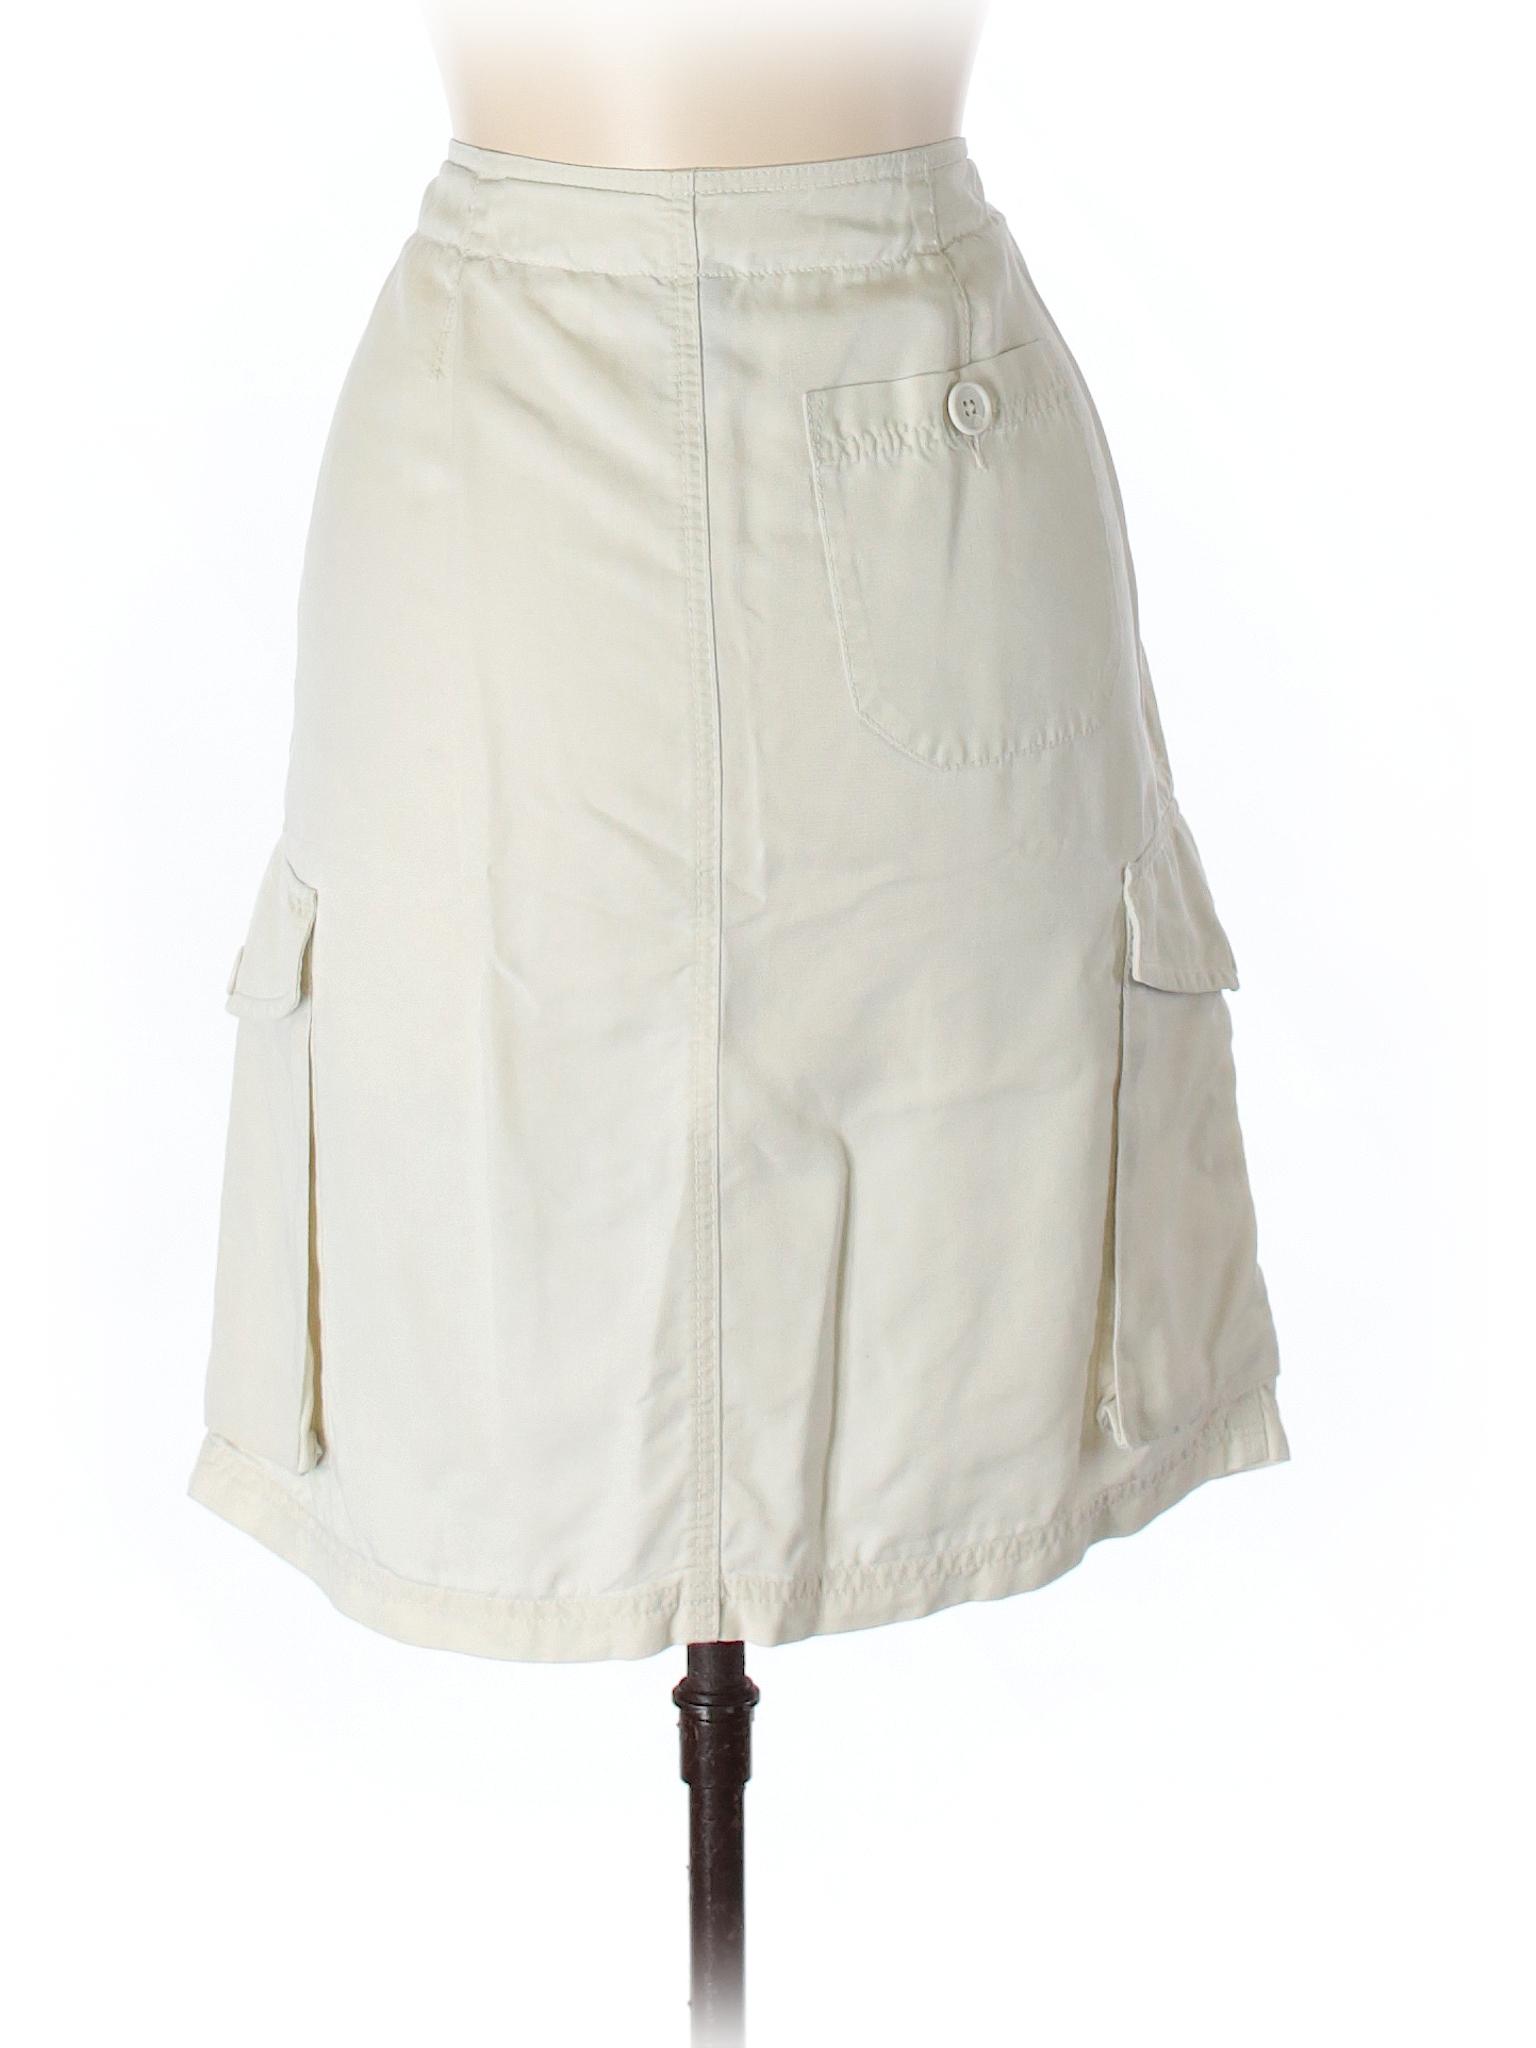 leisure Gap Boutique leisure leisure Boutique Skirt Casual Casual Skirt Boutique Gap Casual Gap pzpBFOq